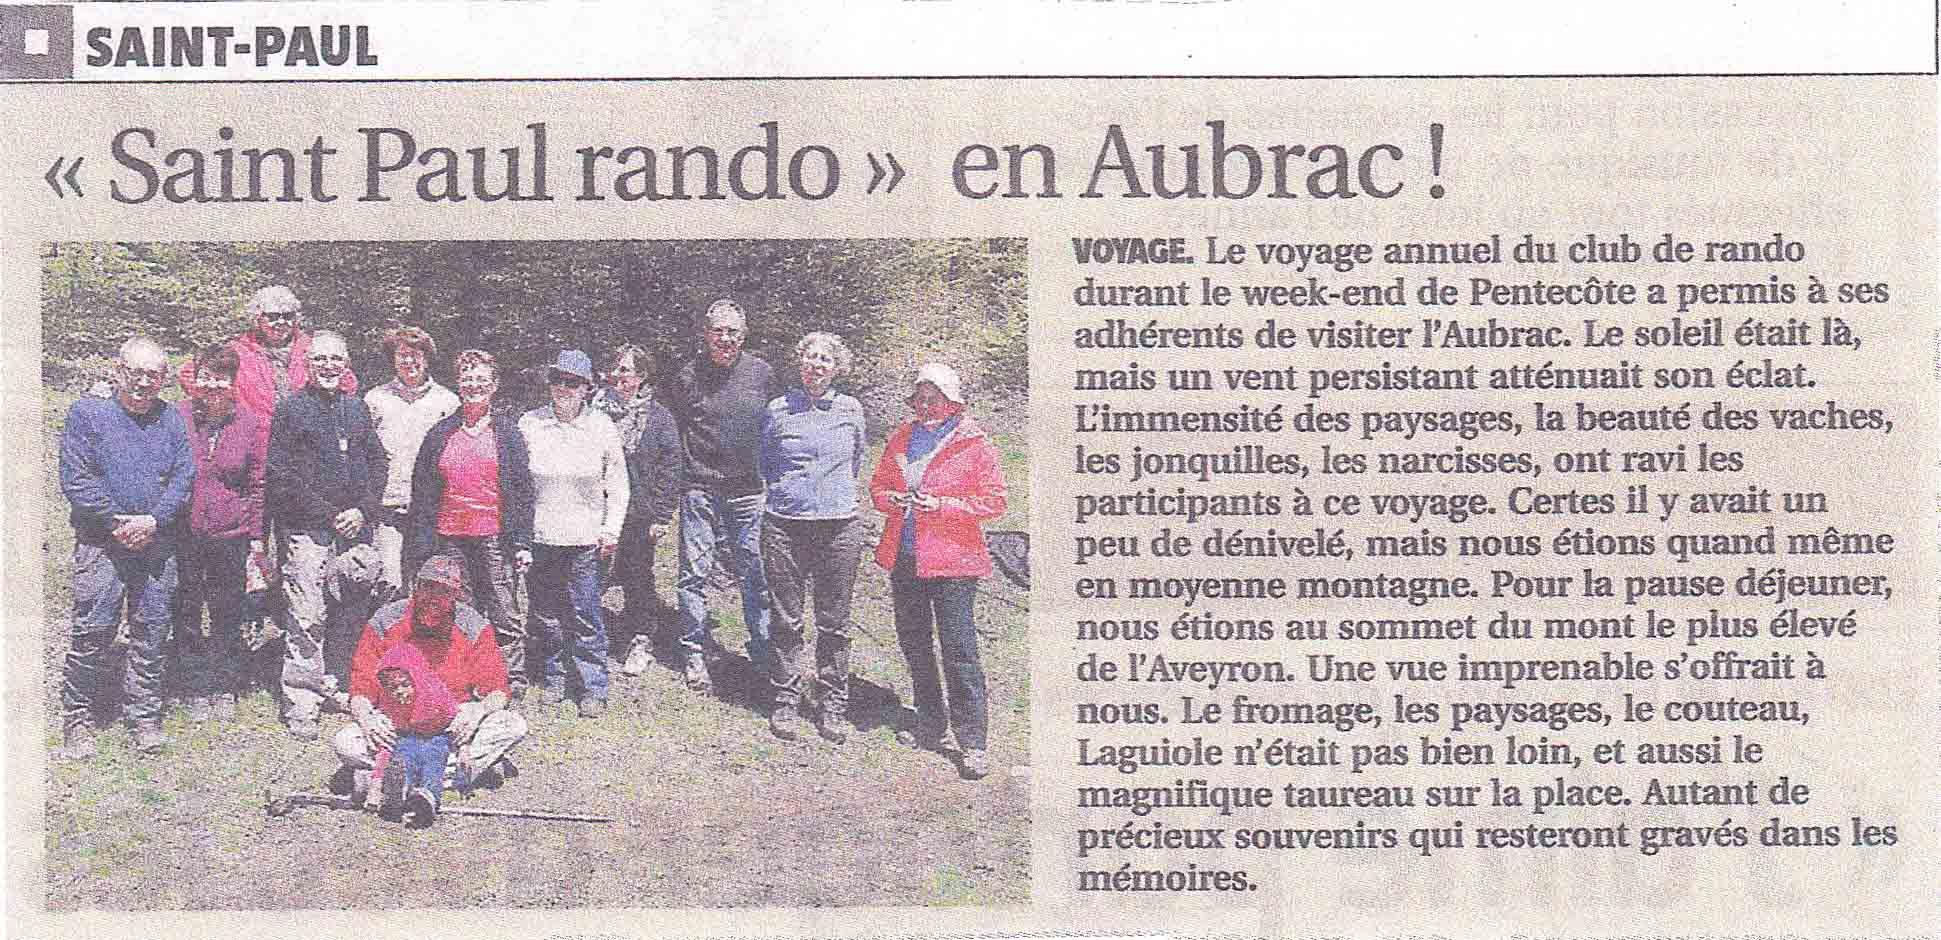 2016-06 - Sortie en Aubrac pour Saint-Paul Rando.jpg